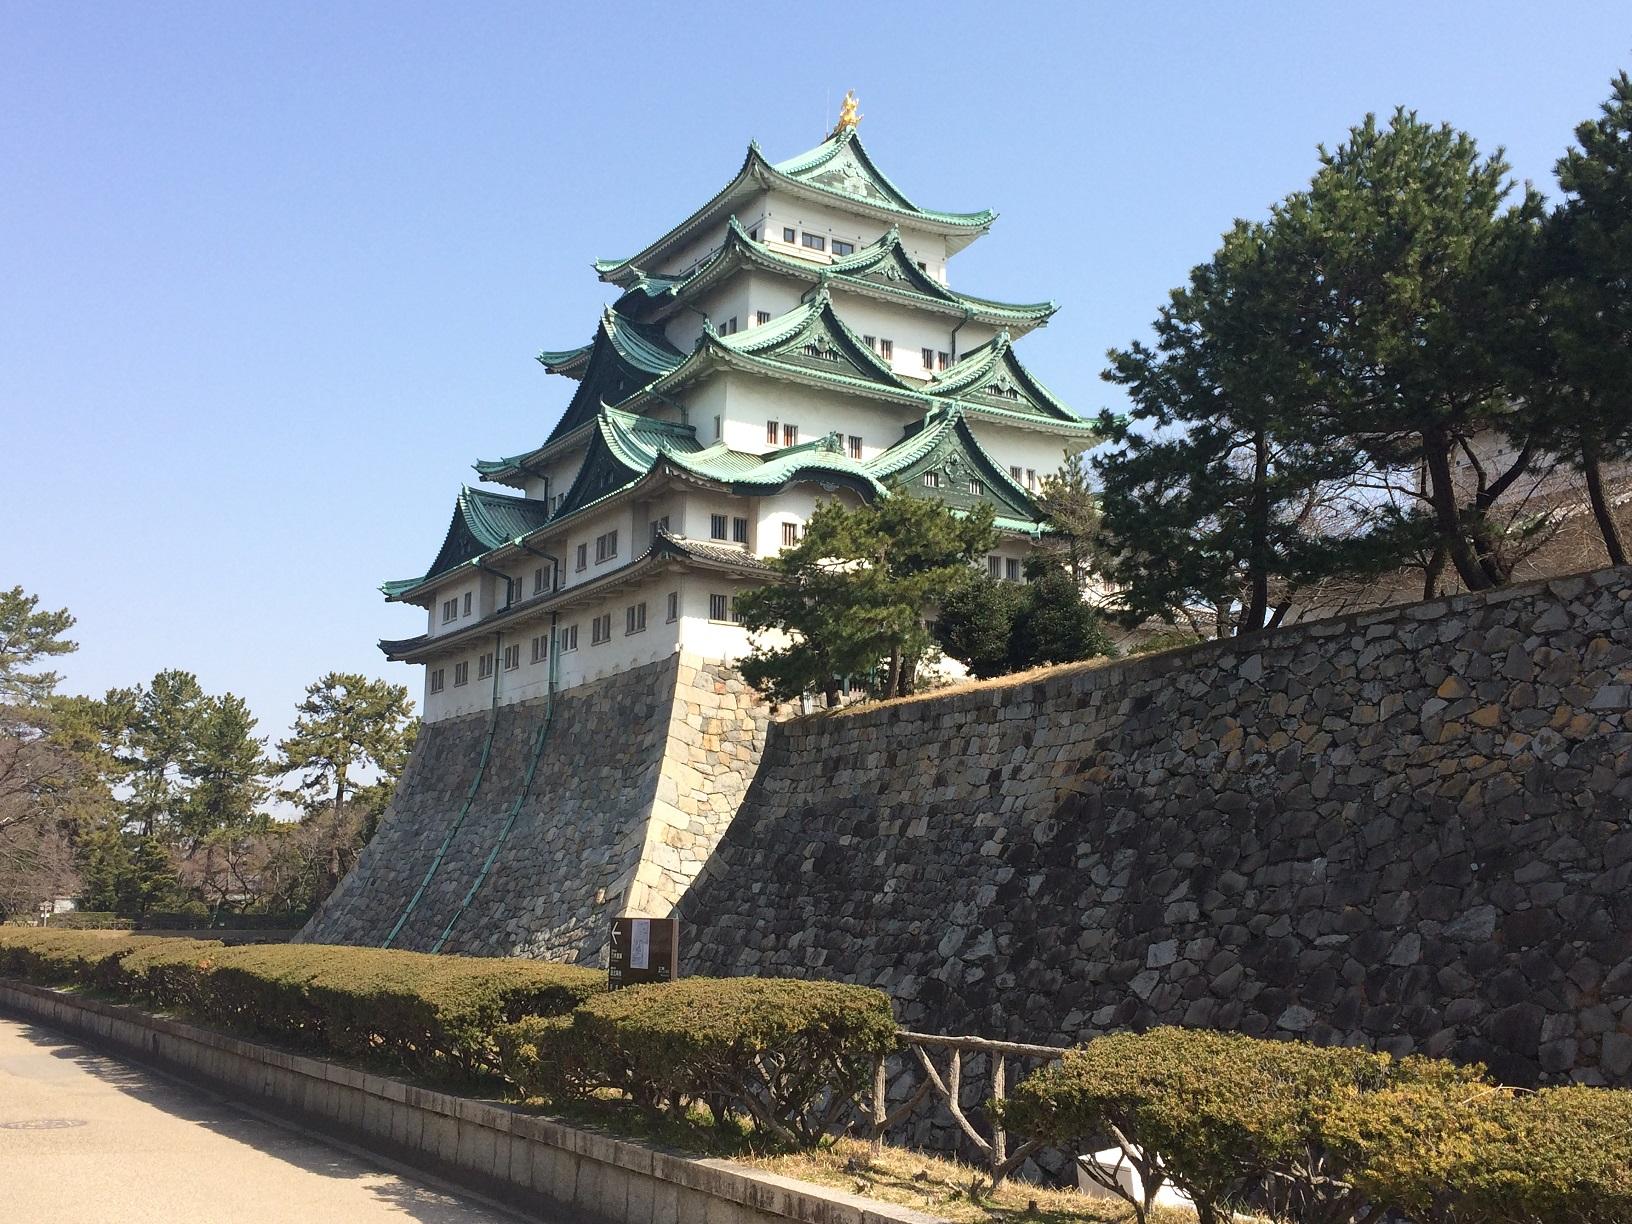 愛知でお城巡り🏯&食べ歩き🍦(愛知県)